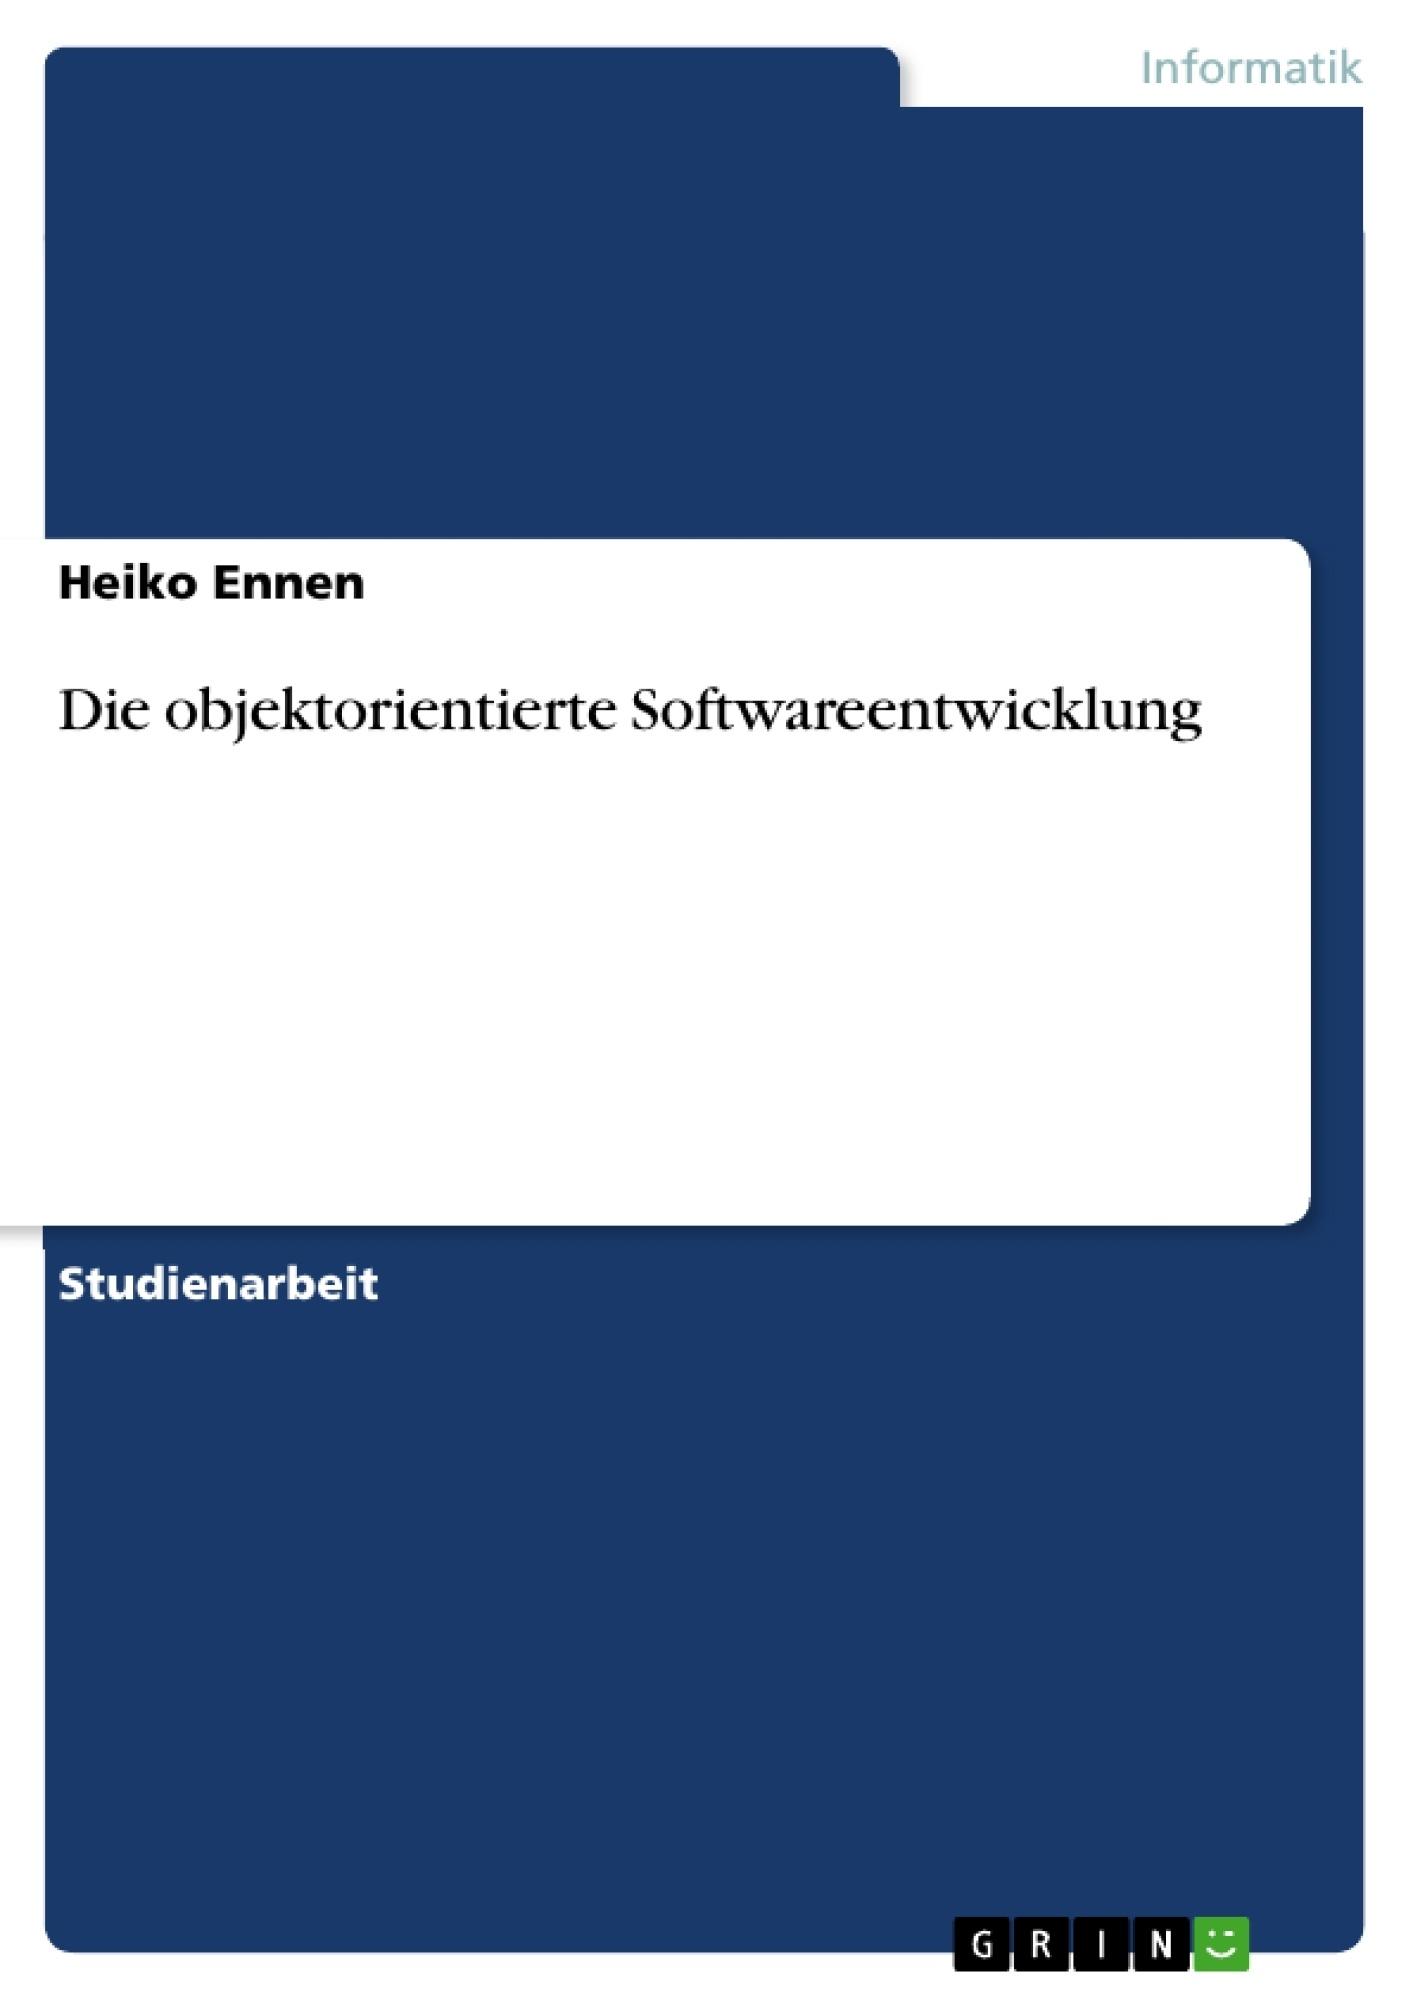 Titel: Die objektorientierte Softwareentwicklung